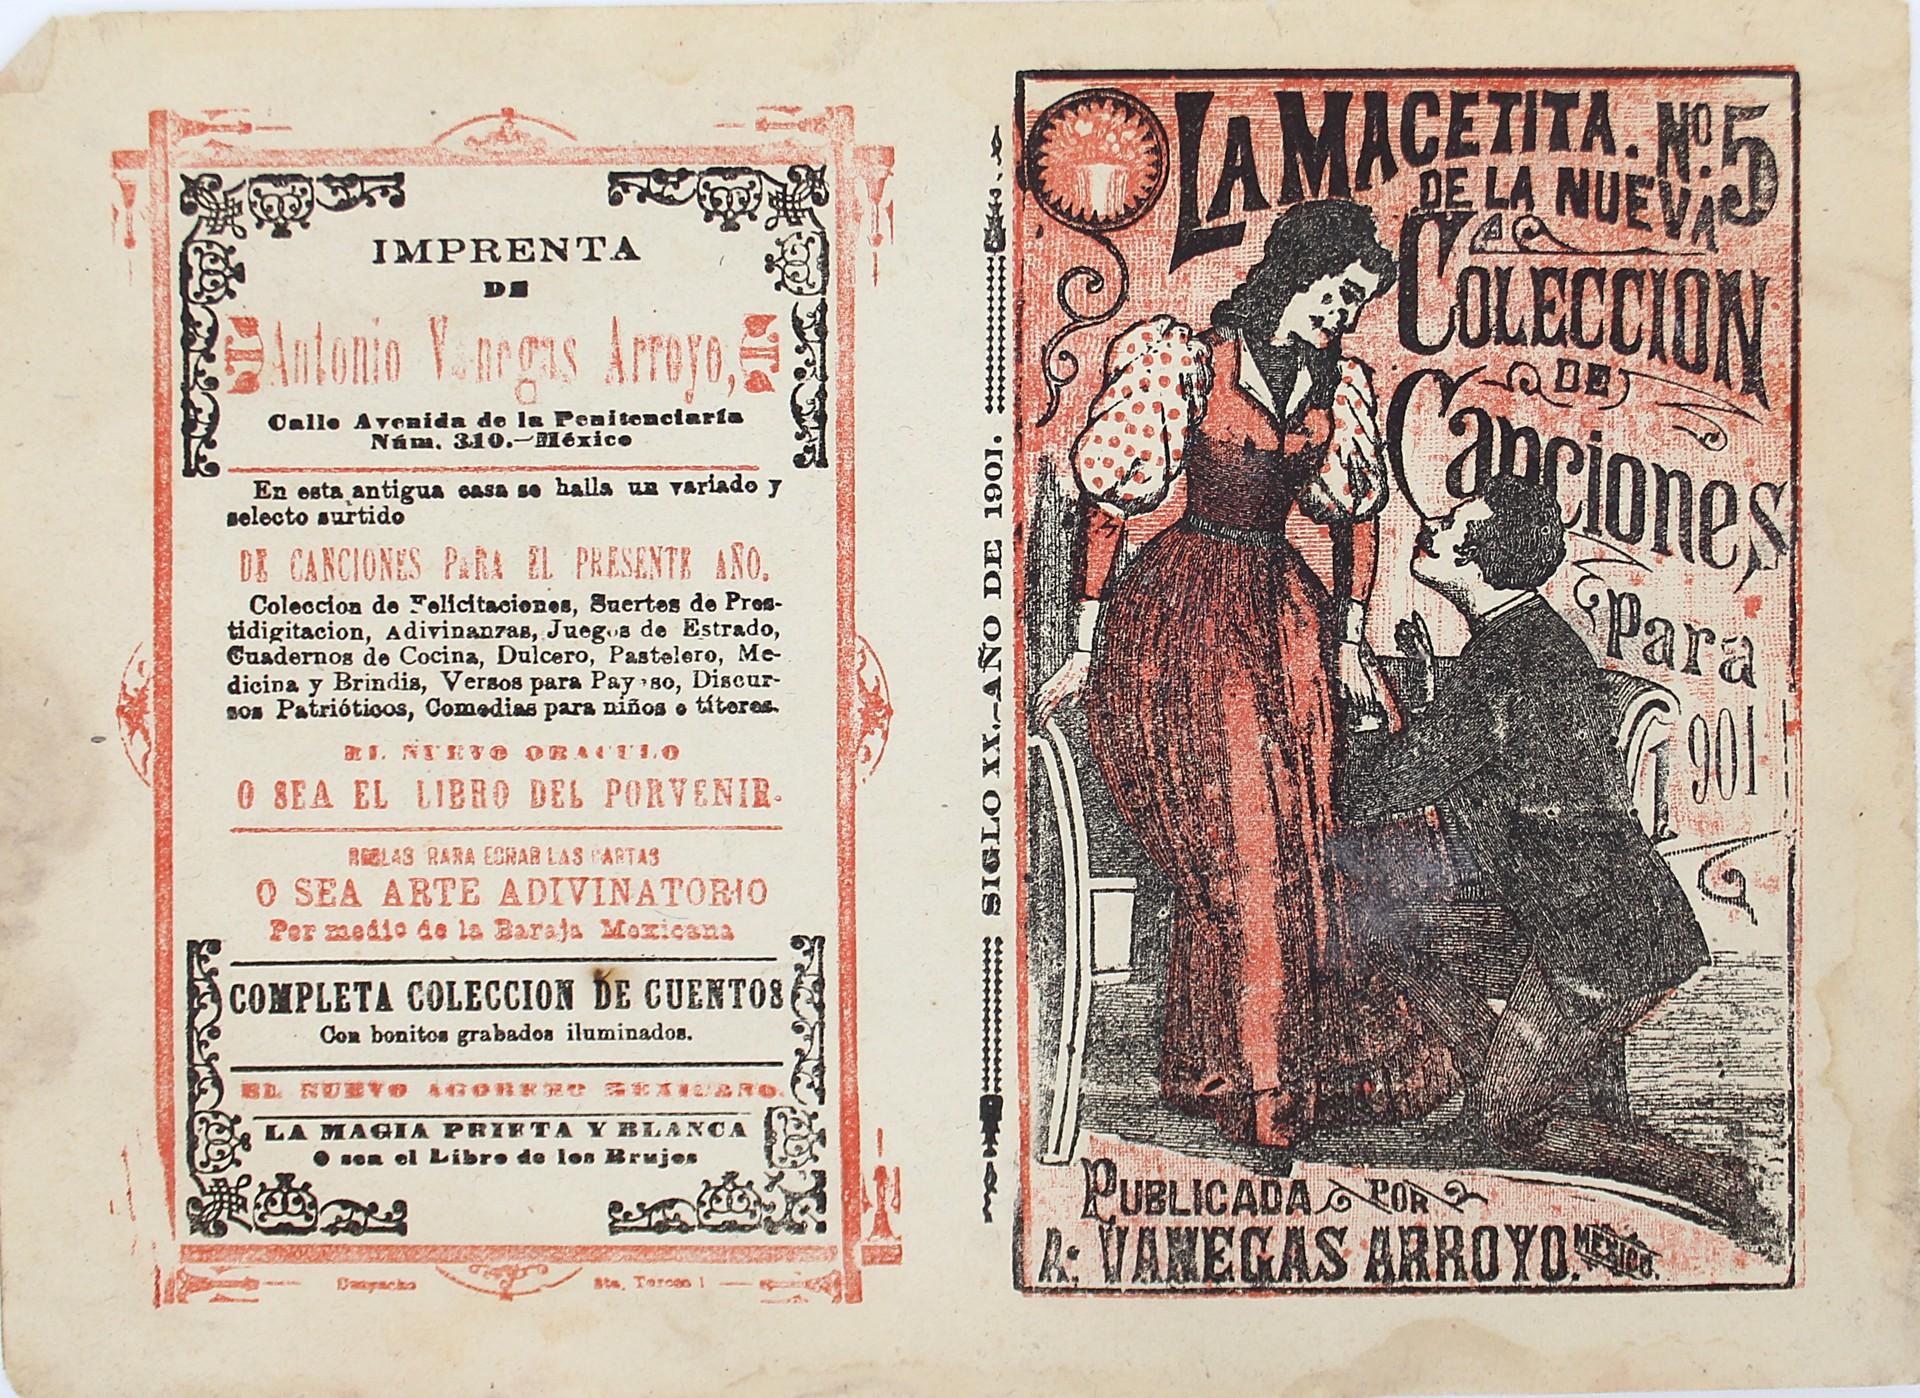 La Macetita. Nueva Colección de Canciones No. 5 by José Guadalupe Posada (1852 - 1913)